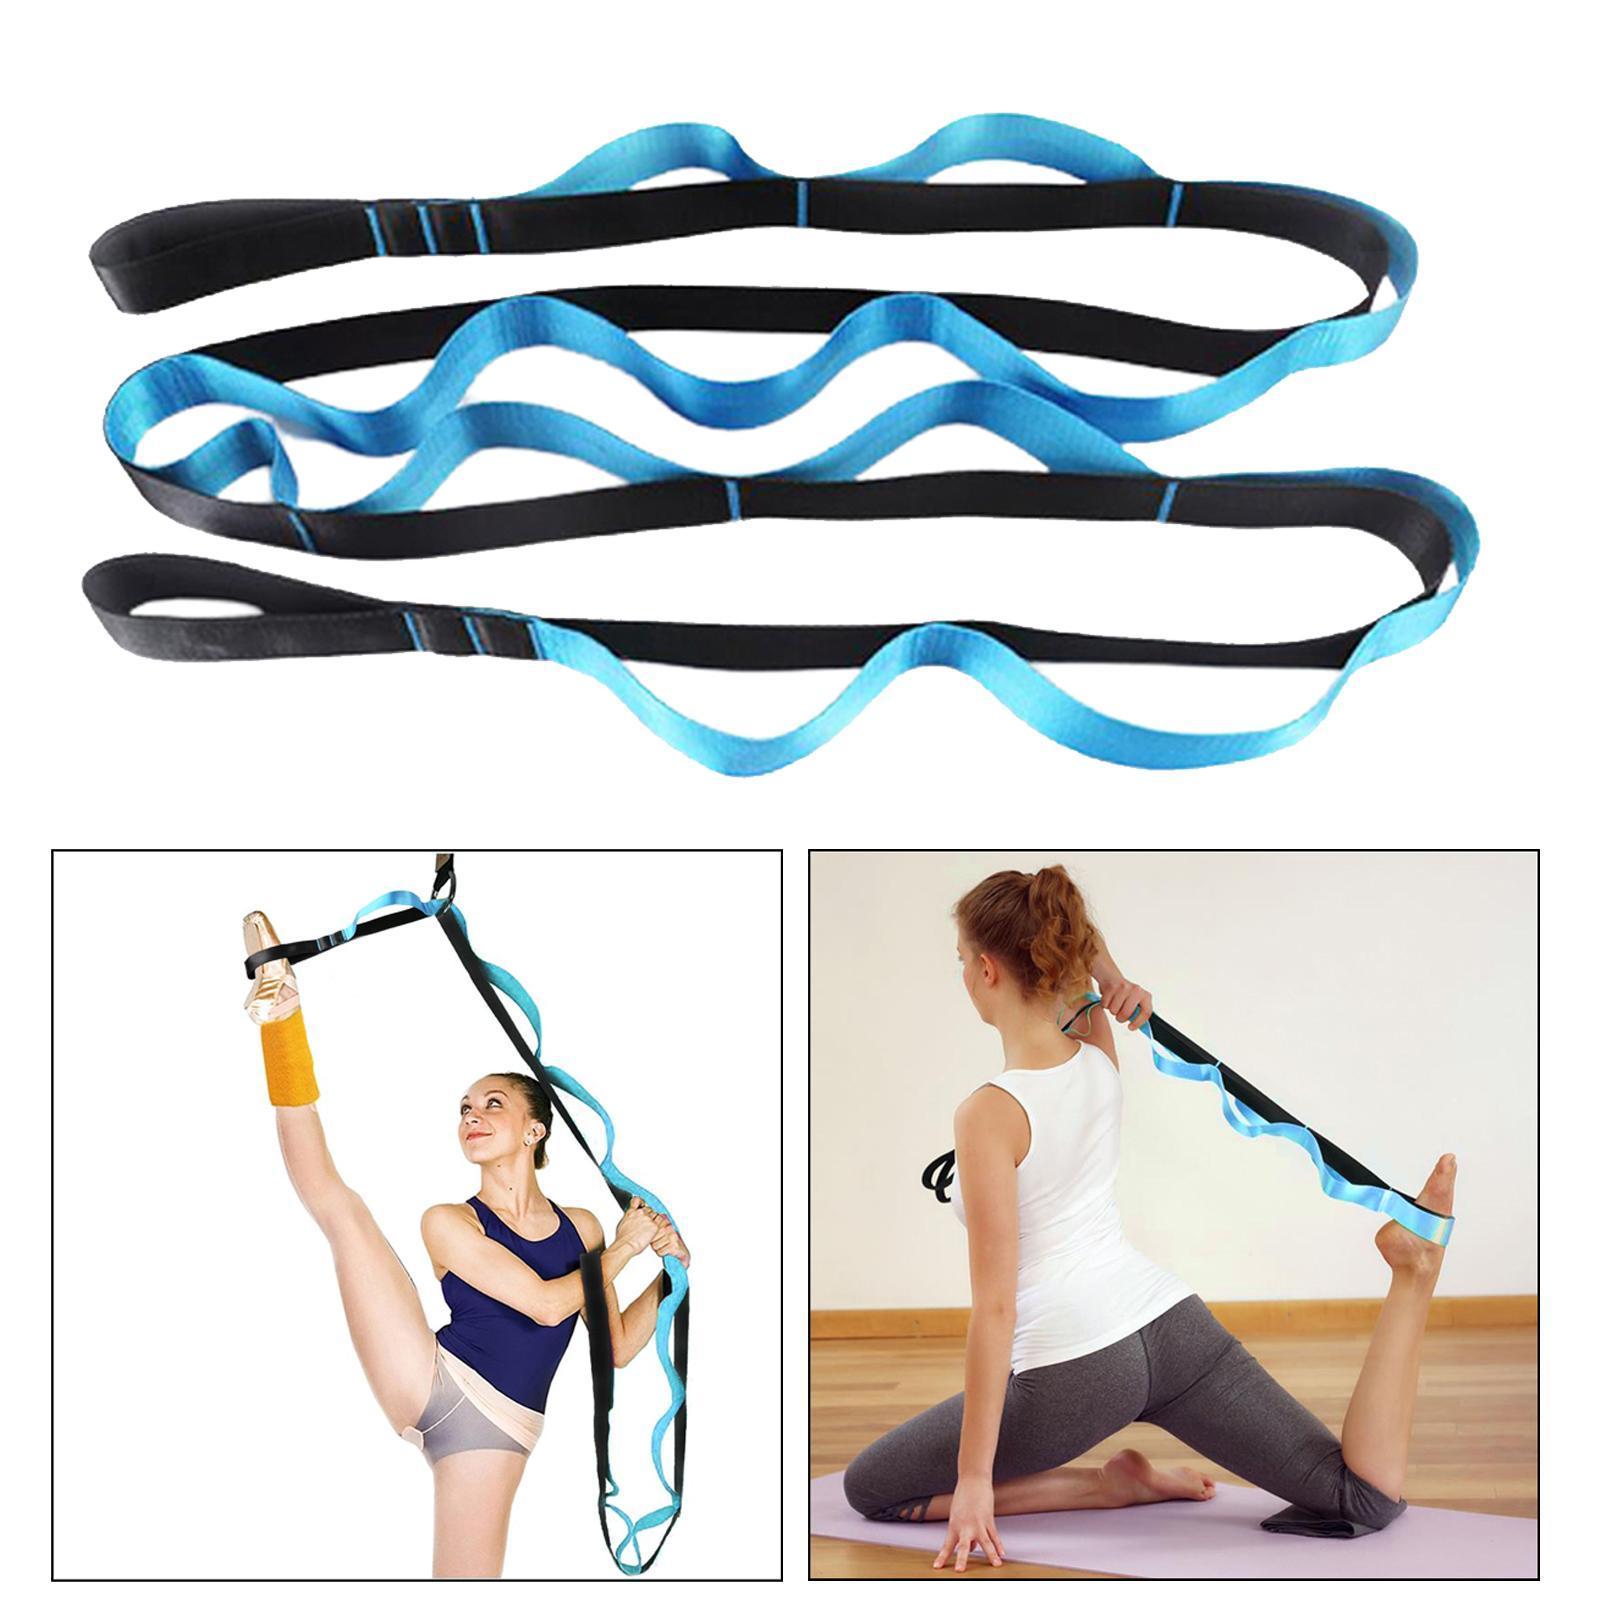 miniatura 11 - Pierna camilla yoga Stretch Strap Latin Dance Gymnastic pull cinturón flexibilidad